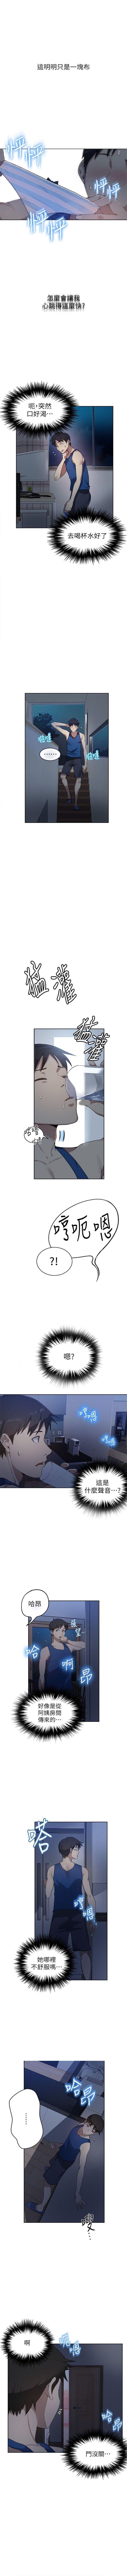 秘密教學  1-69 官方中文(連載中) 9